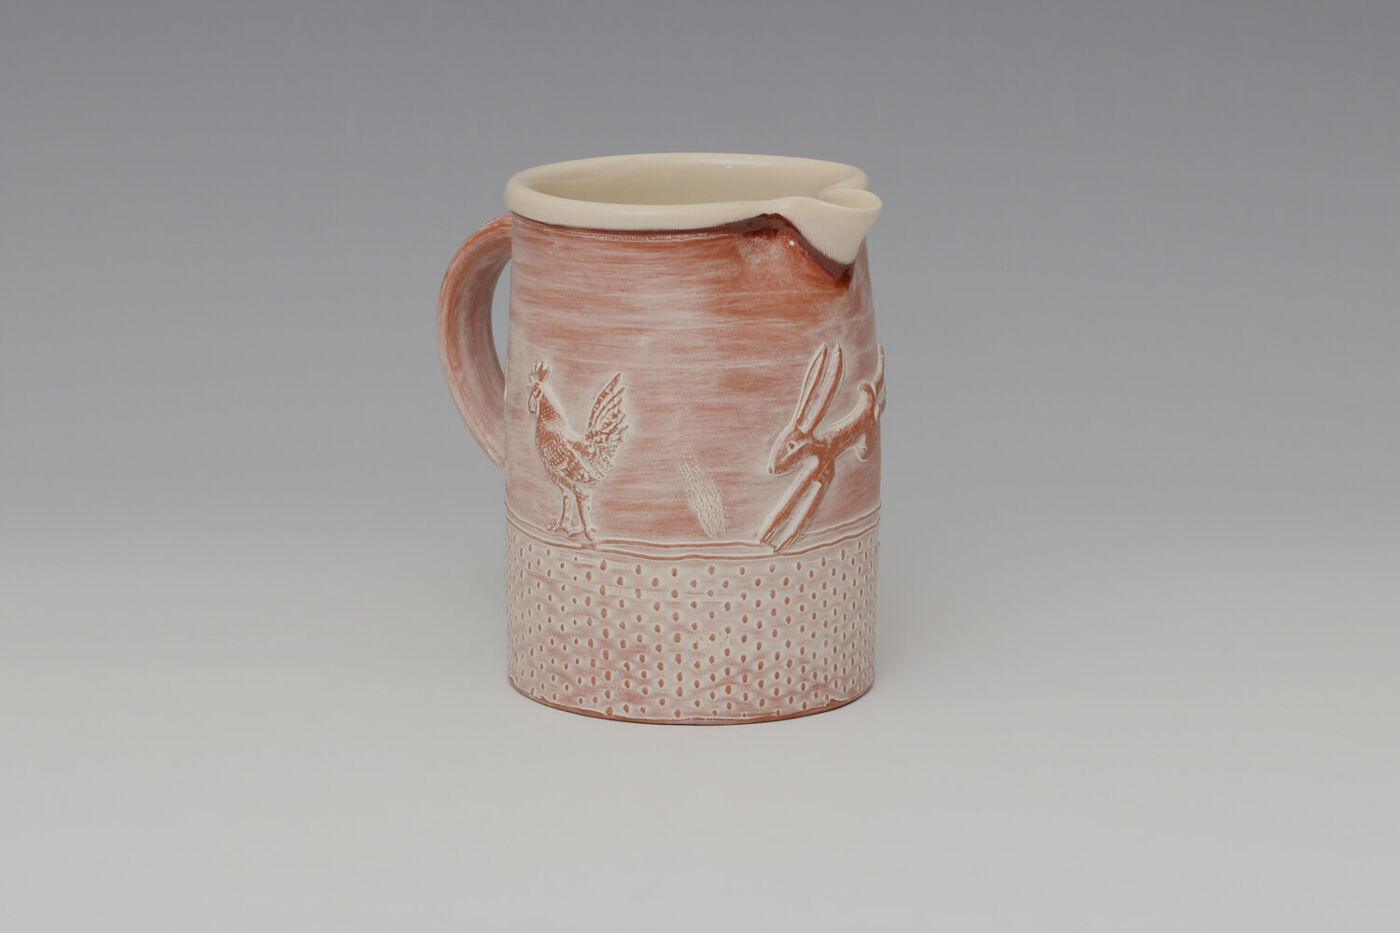 Philip Wood Large Ceramic Jug 04